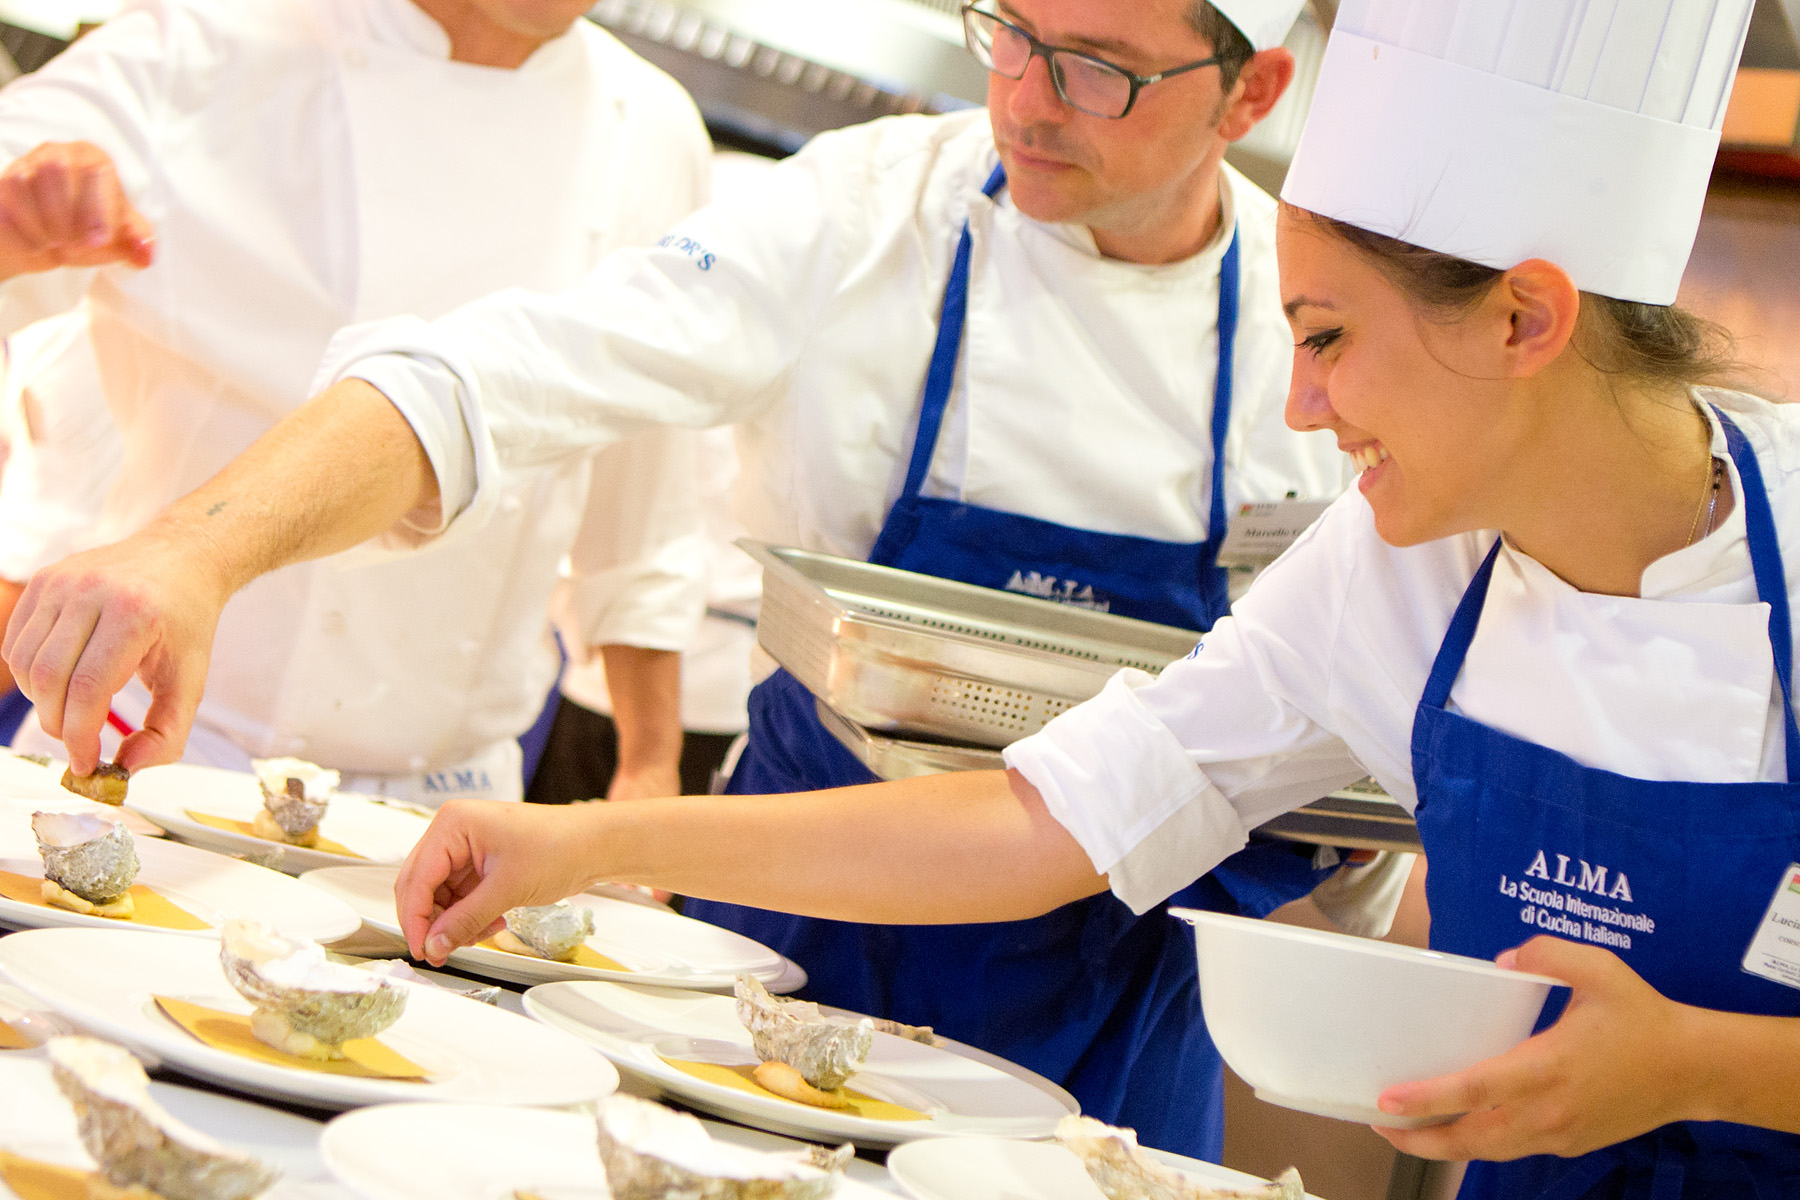 Gualtiero marchesi un compositore in cucina agli chef - Scuola di cucina alma ...